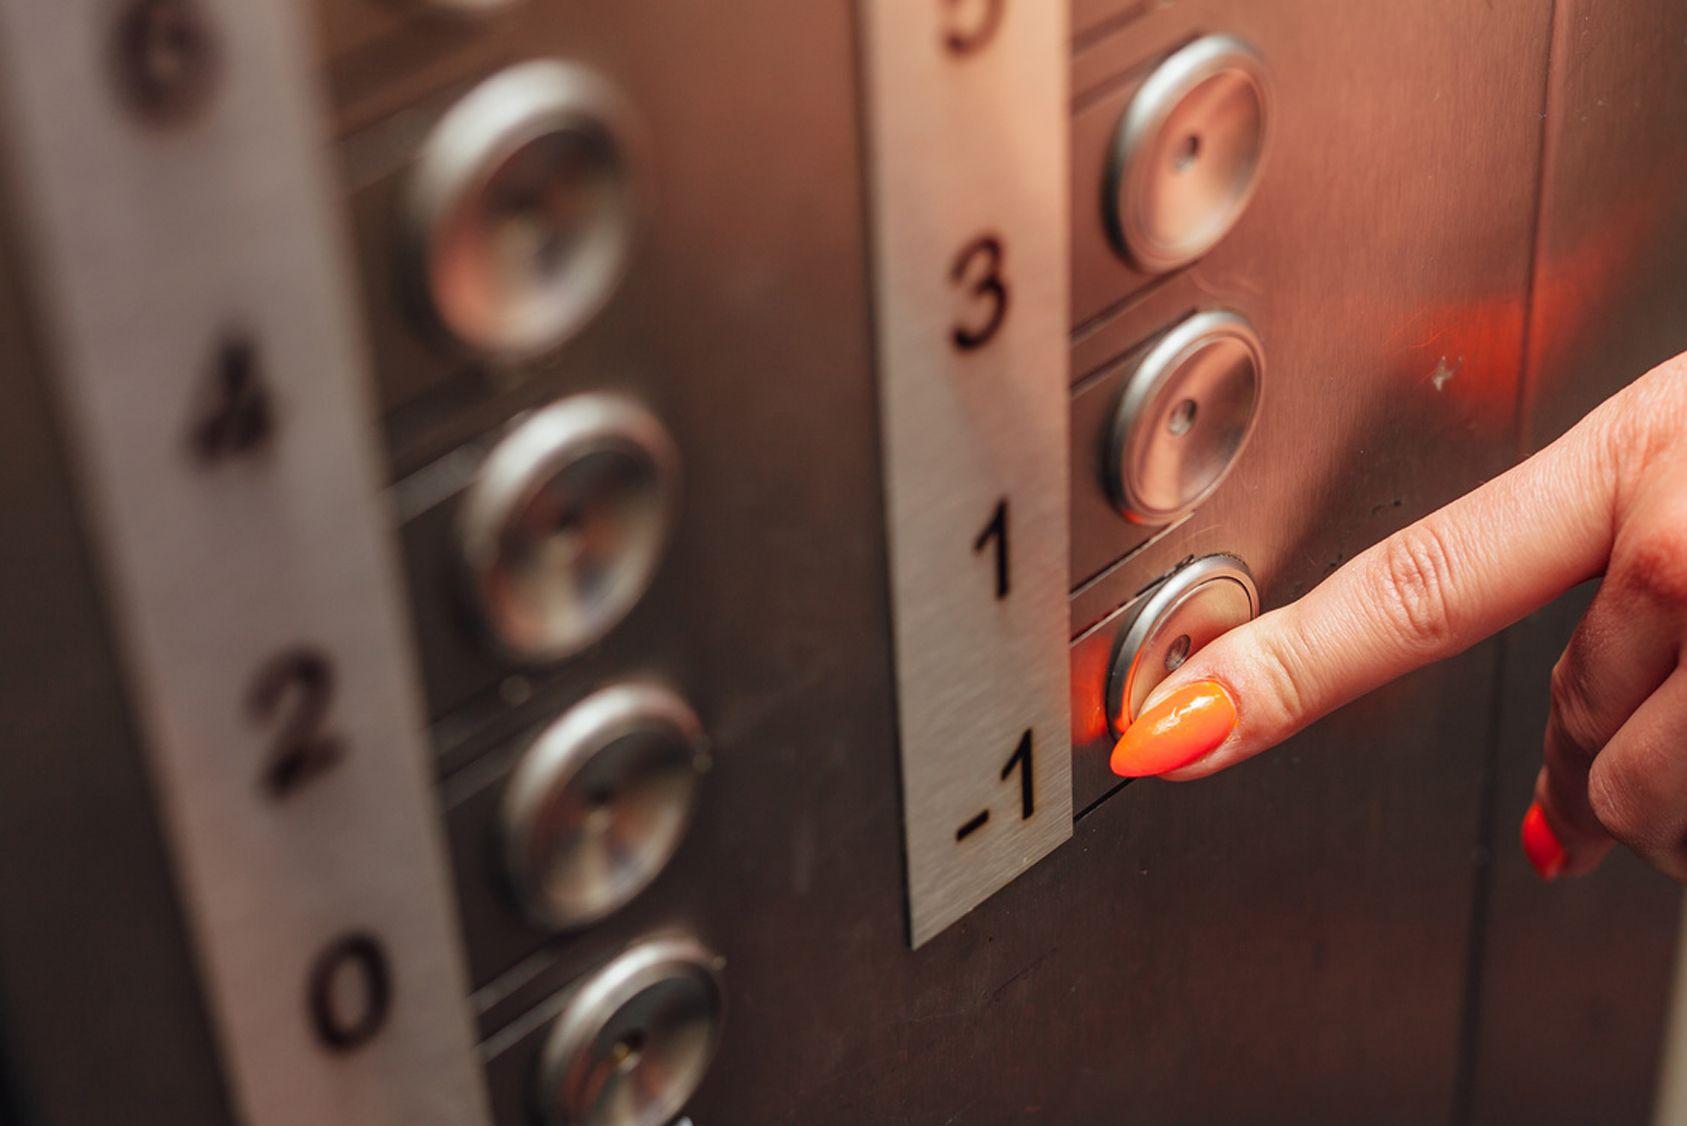 Copropriété: l'ascenseur, oui, mais pas à tous les étages